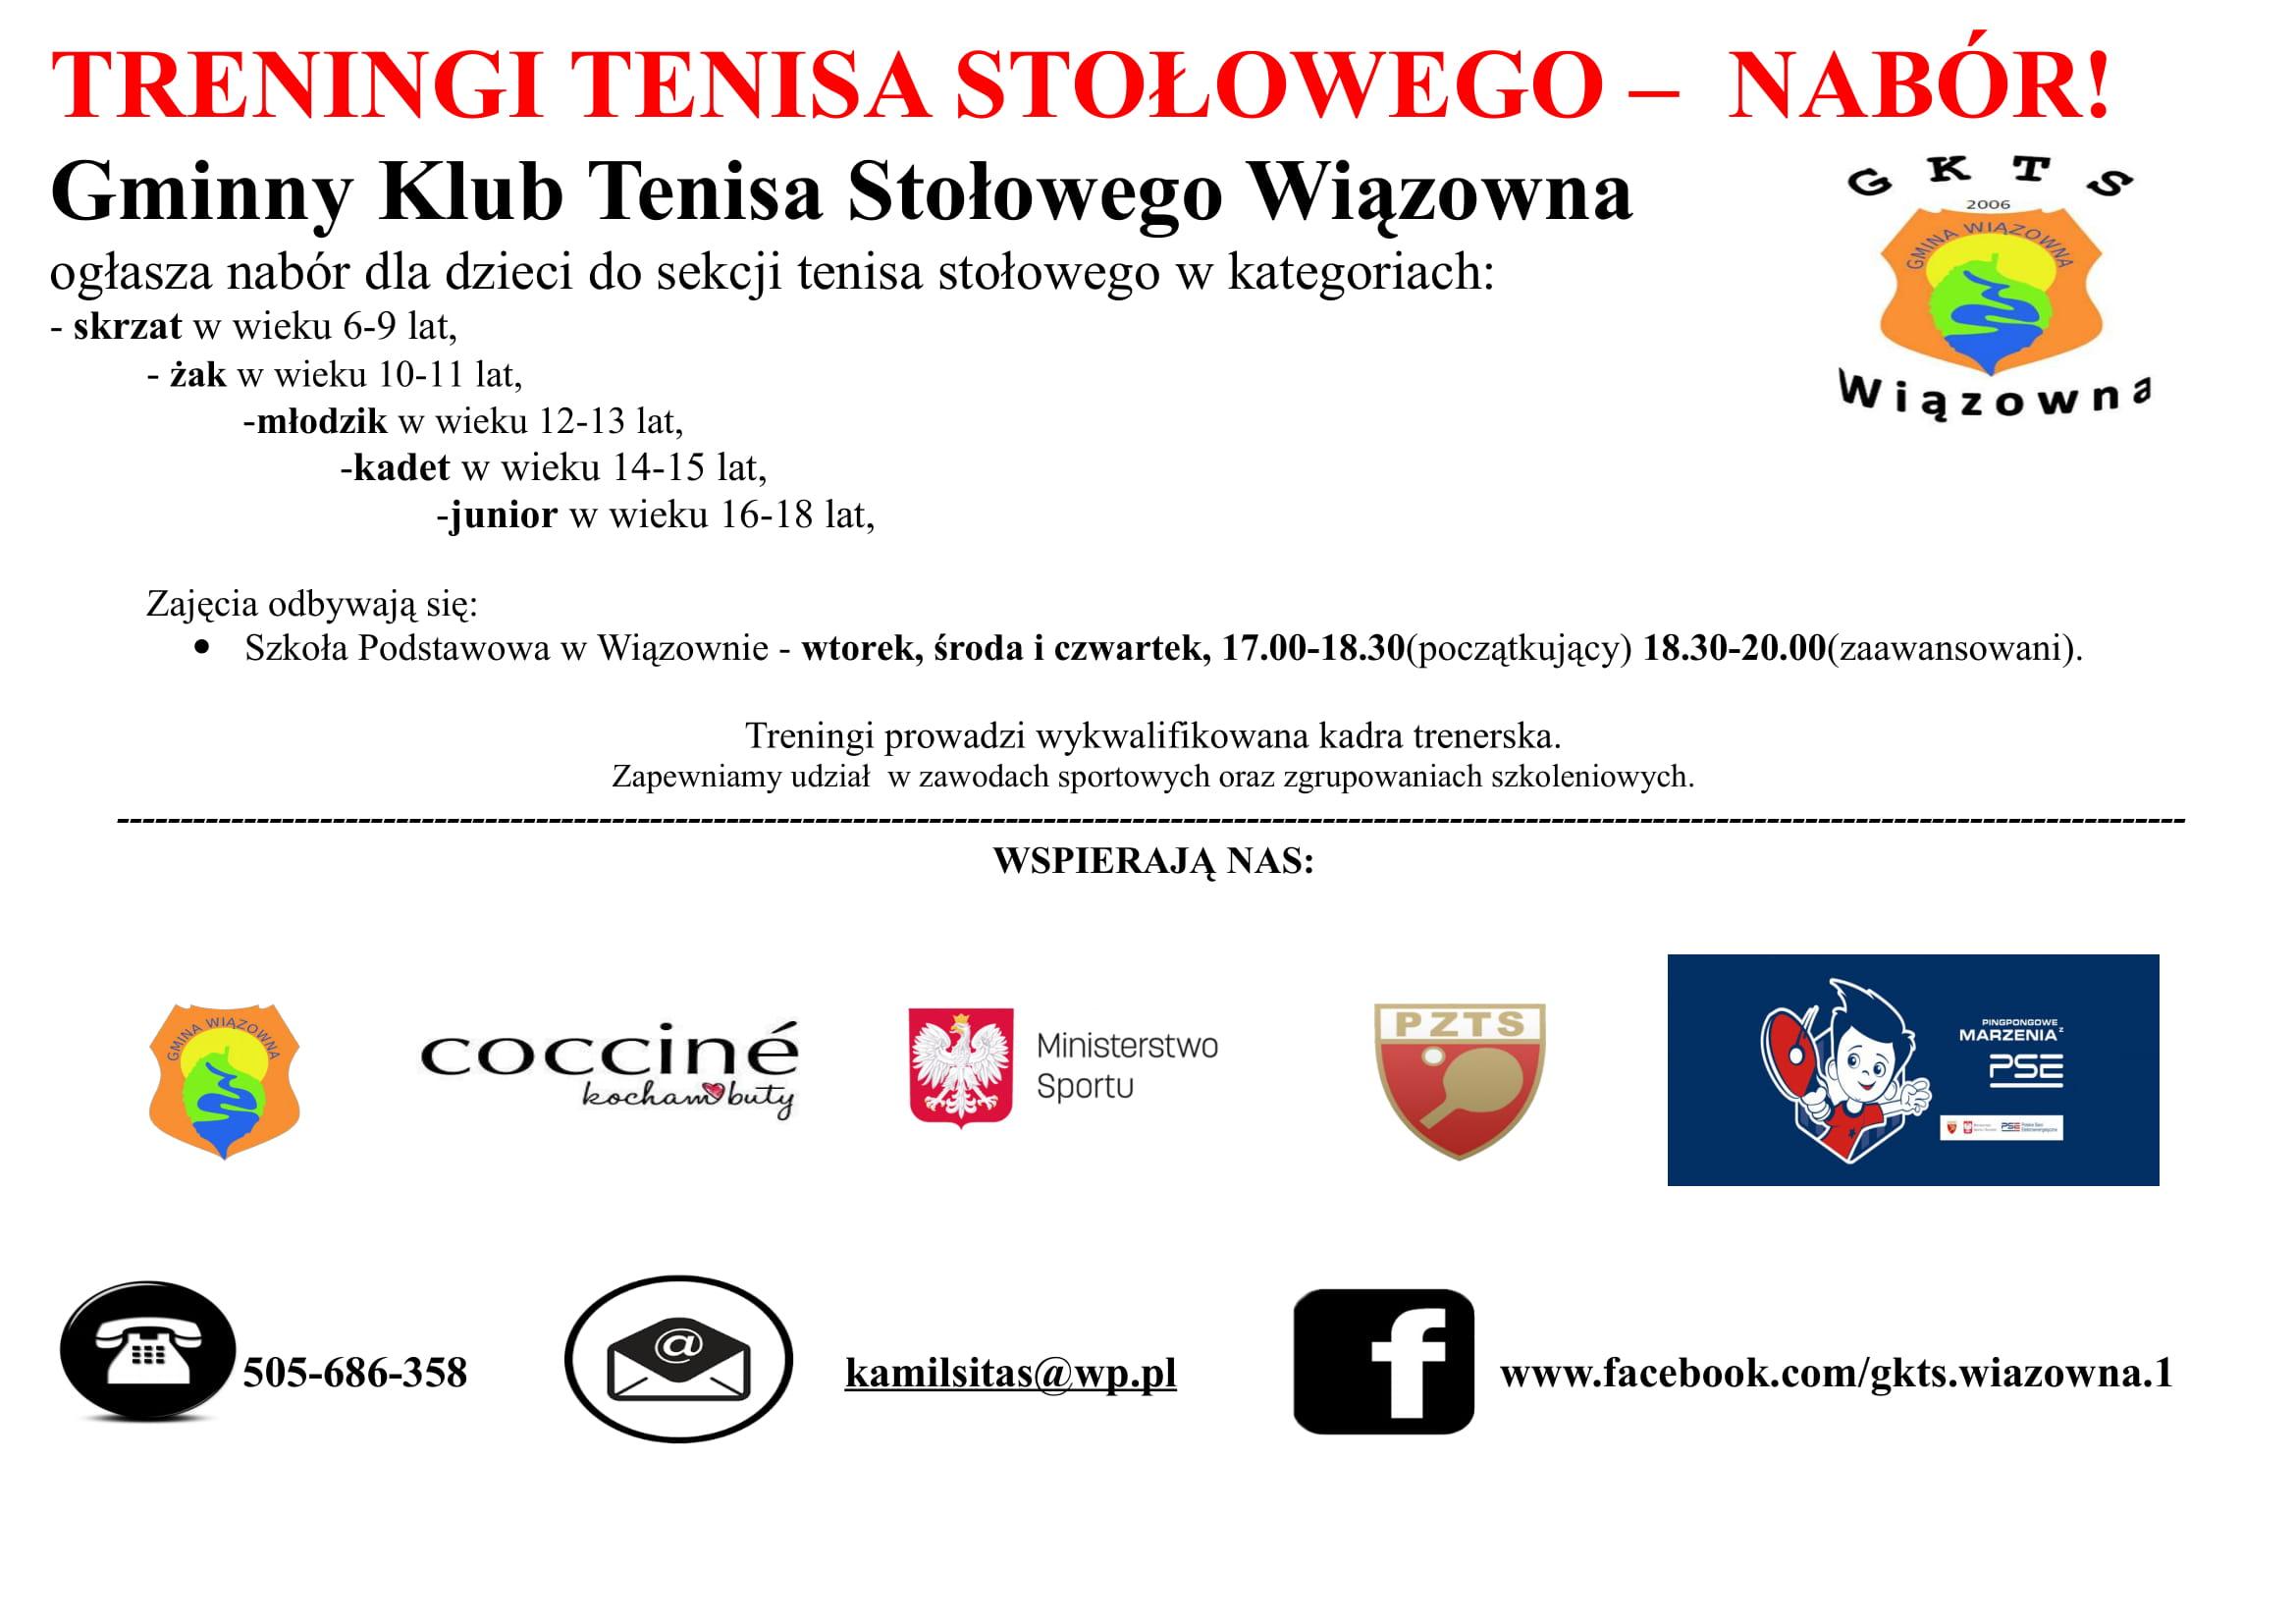 Plakat informujący o naborze do gminnego Klubu Tenisa Stołowego